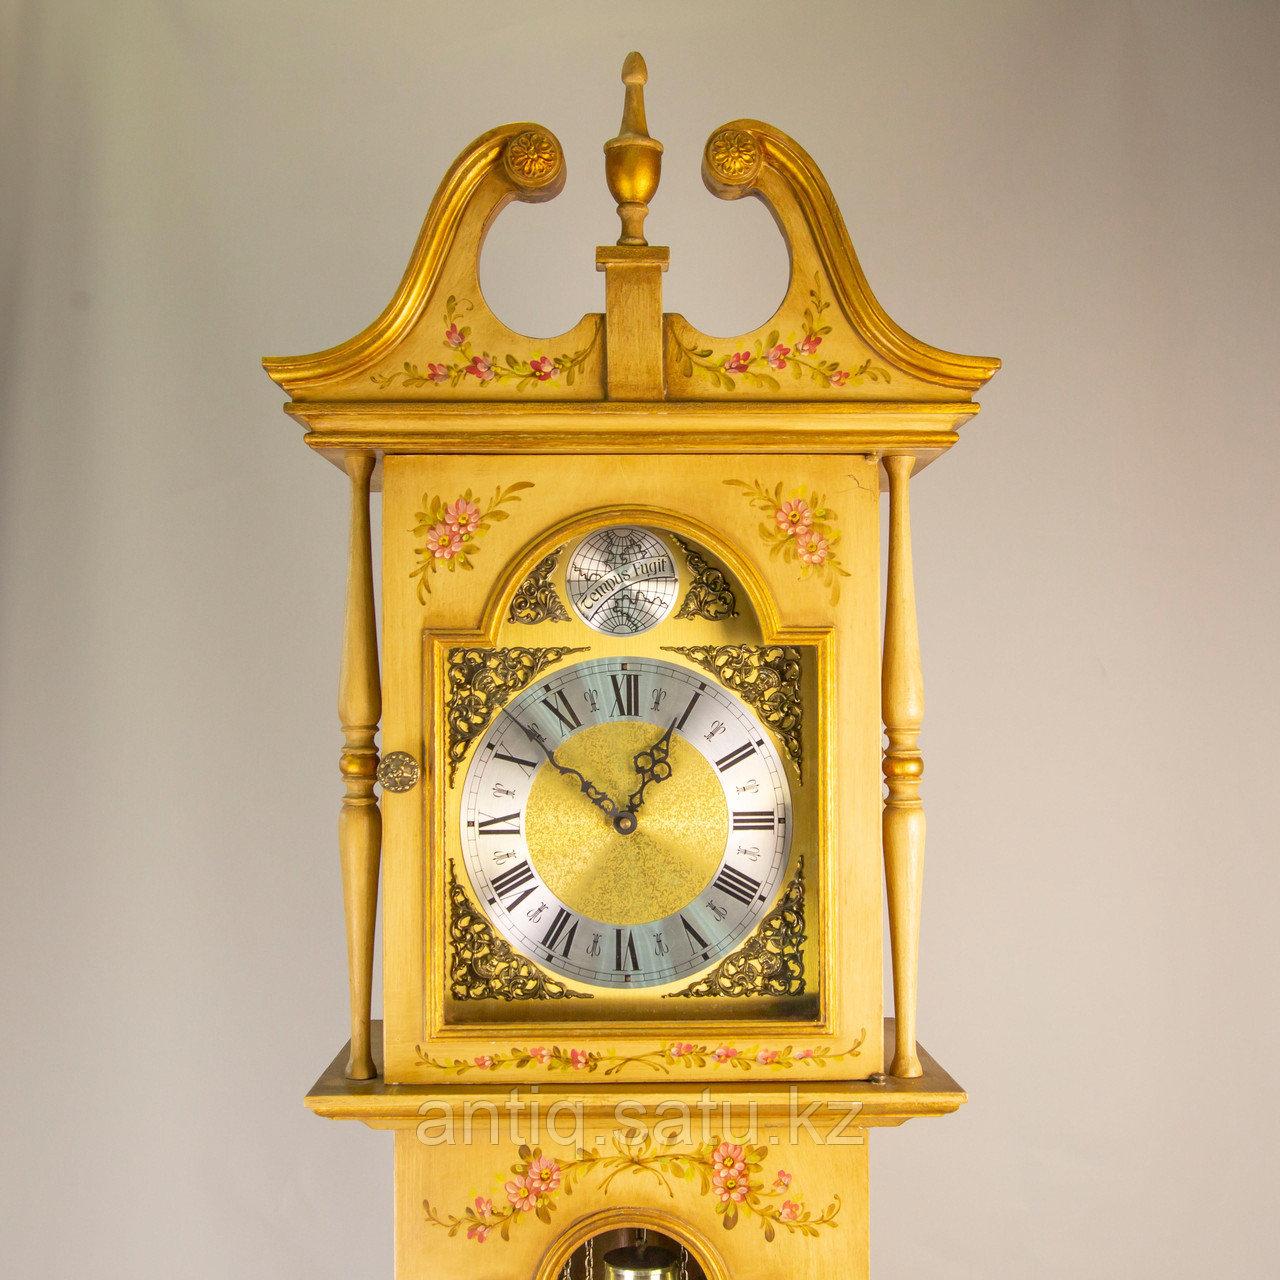 Напольные часы. Часовая мастерская Romanet Fabrik - фото 3